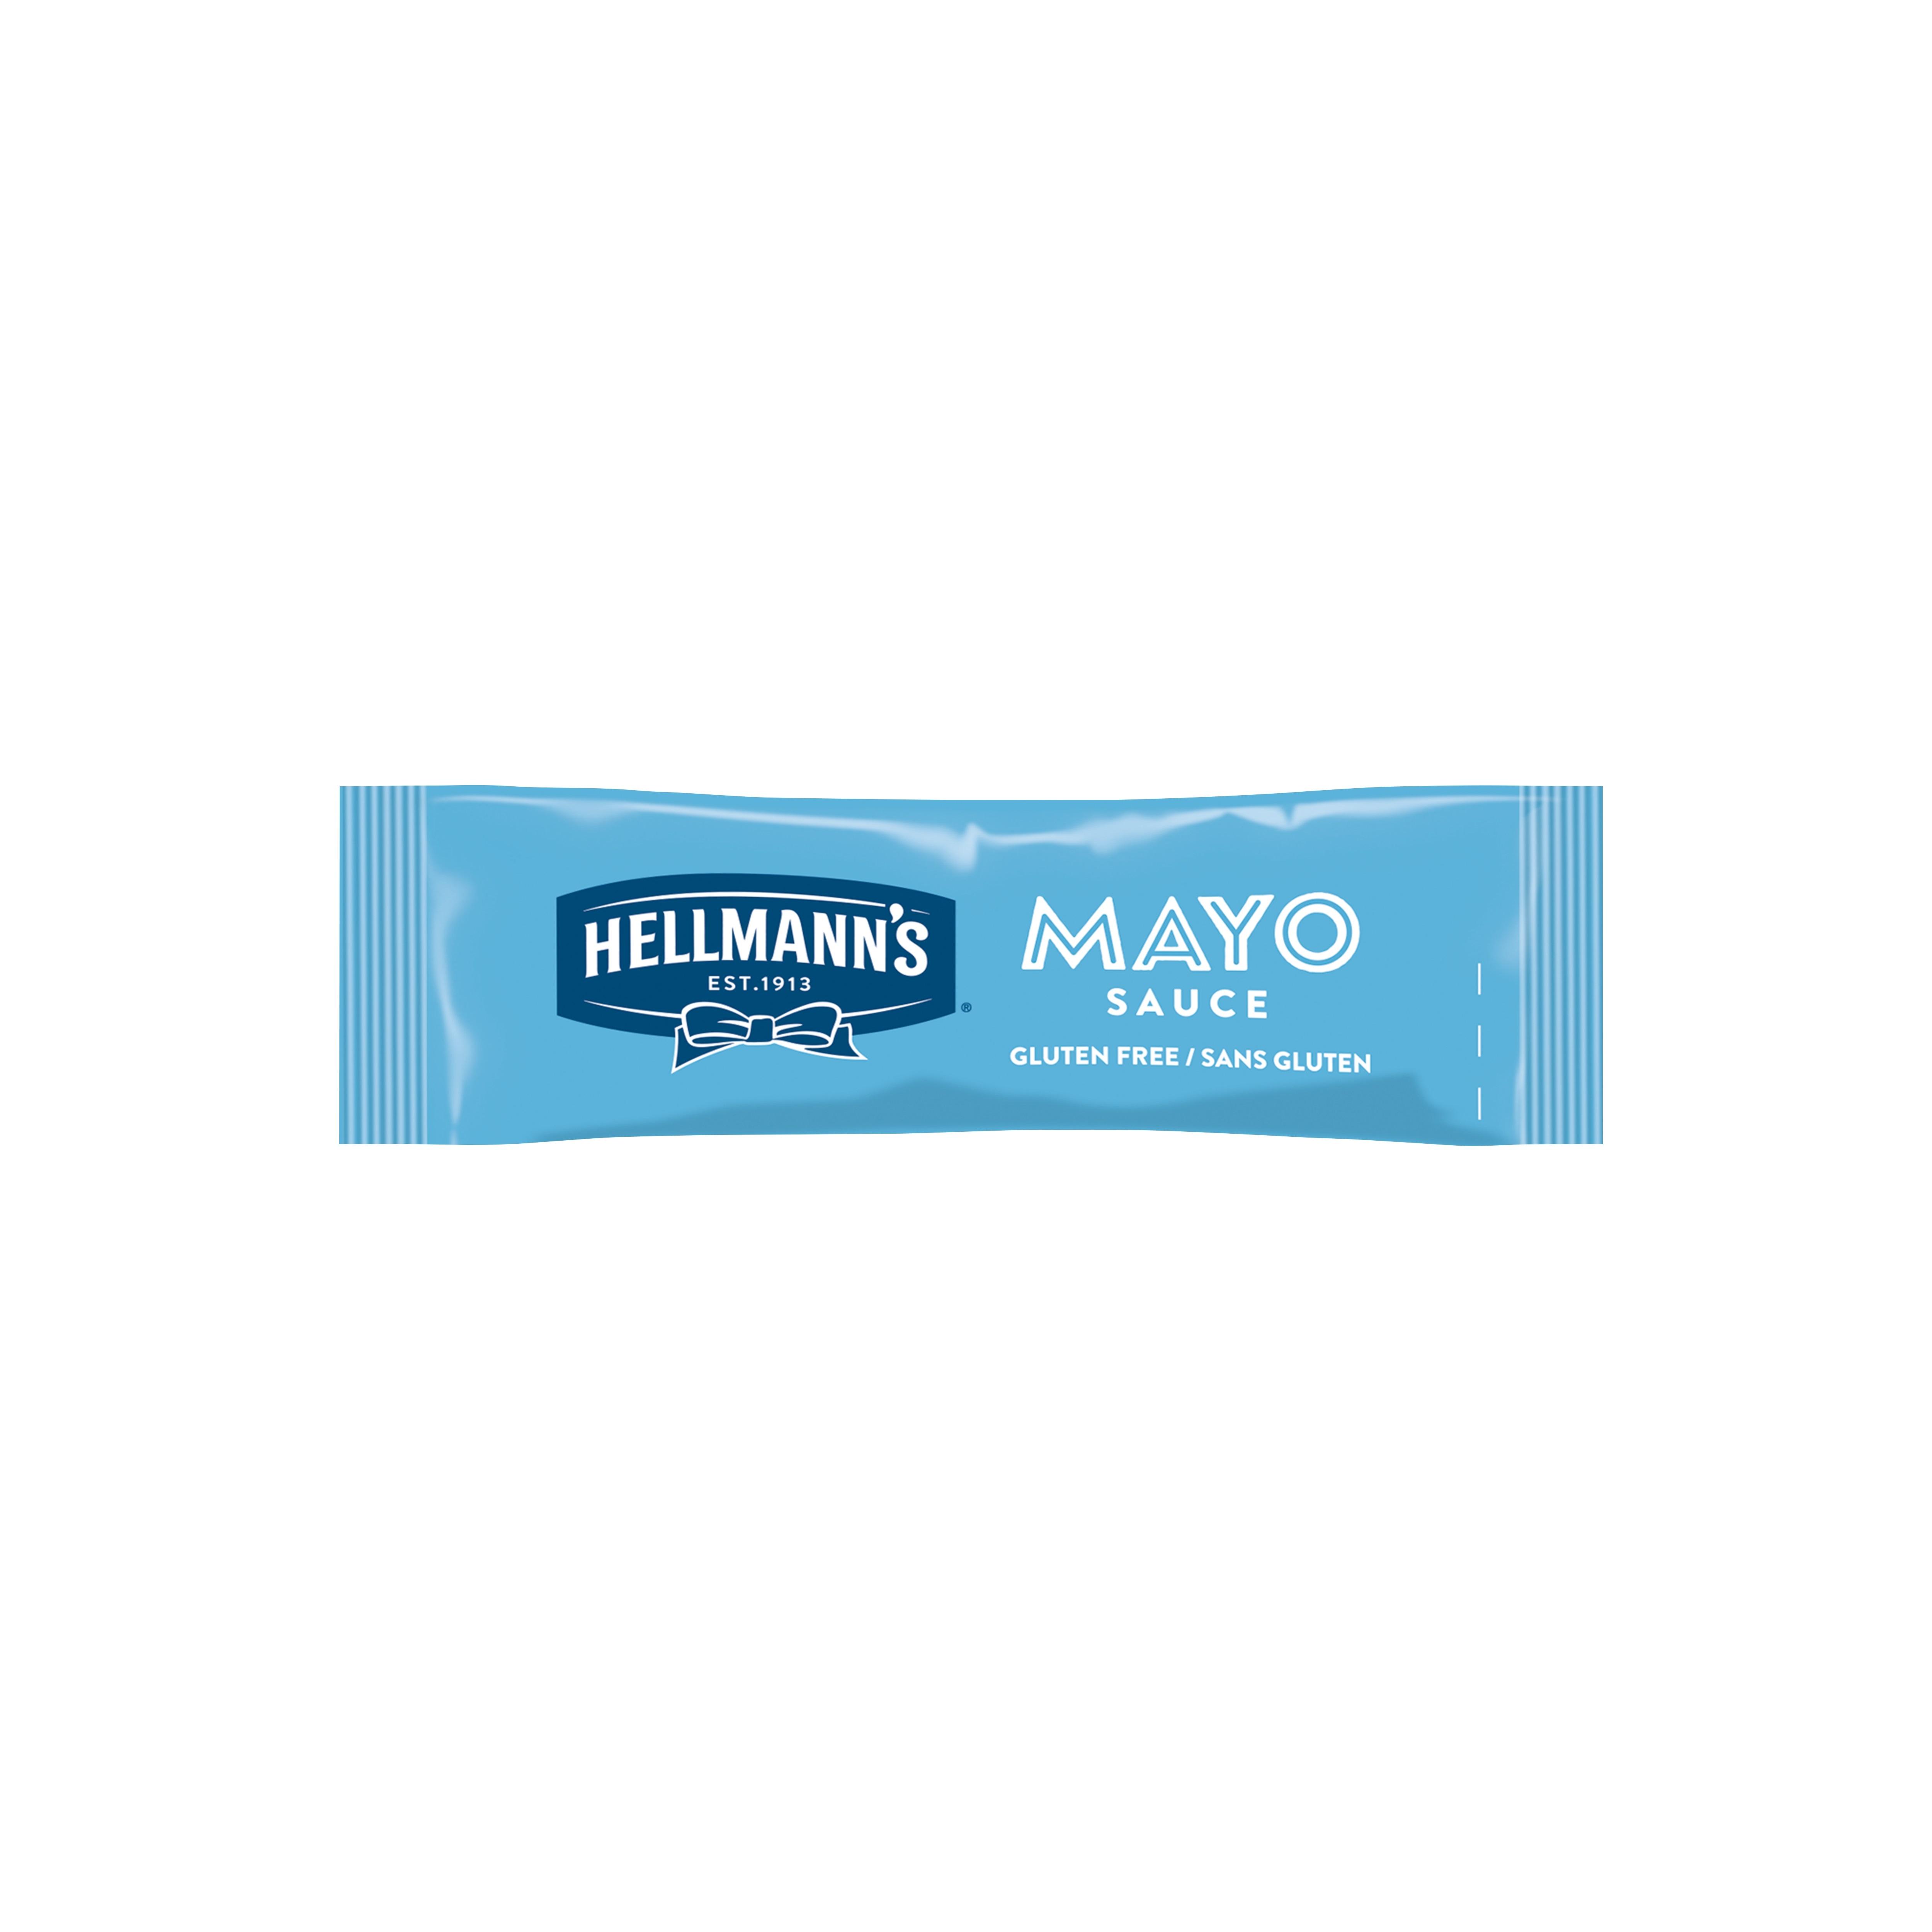 Hellmann's Majonezni preliv porcijski 10 ml (198 kos) - Hellmann's hladne omake v enostavnem porcijskem pakiranju.